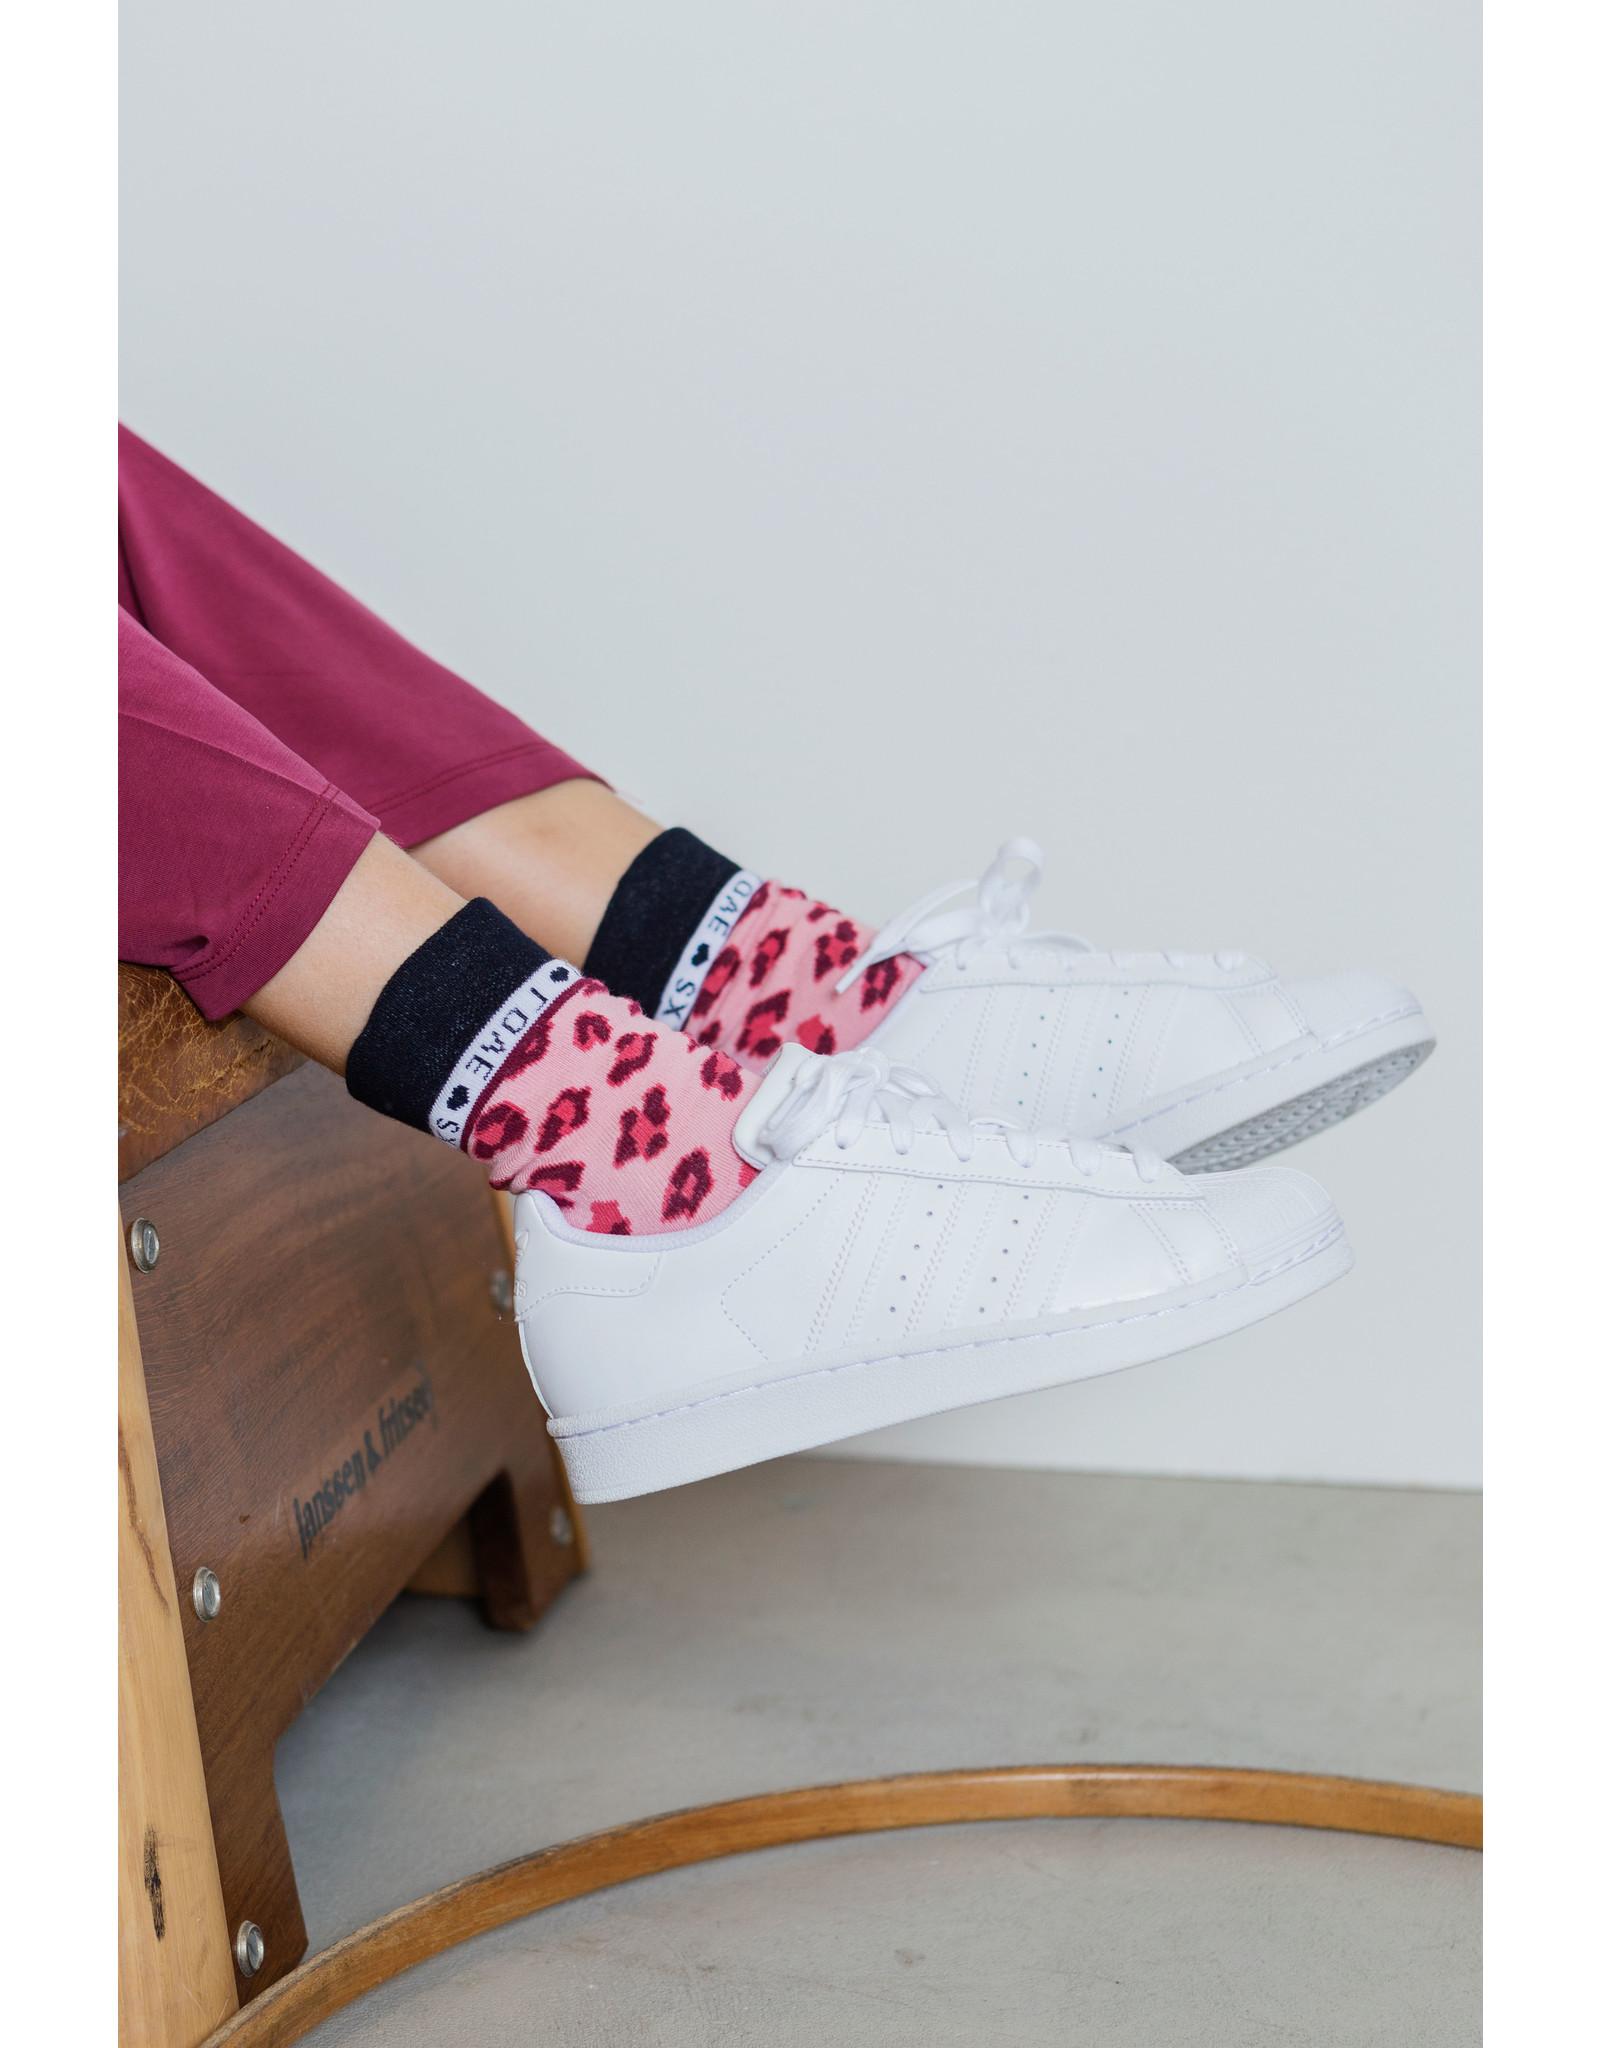 Looxs Girls socks Ballet